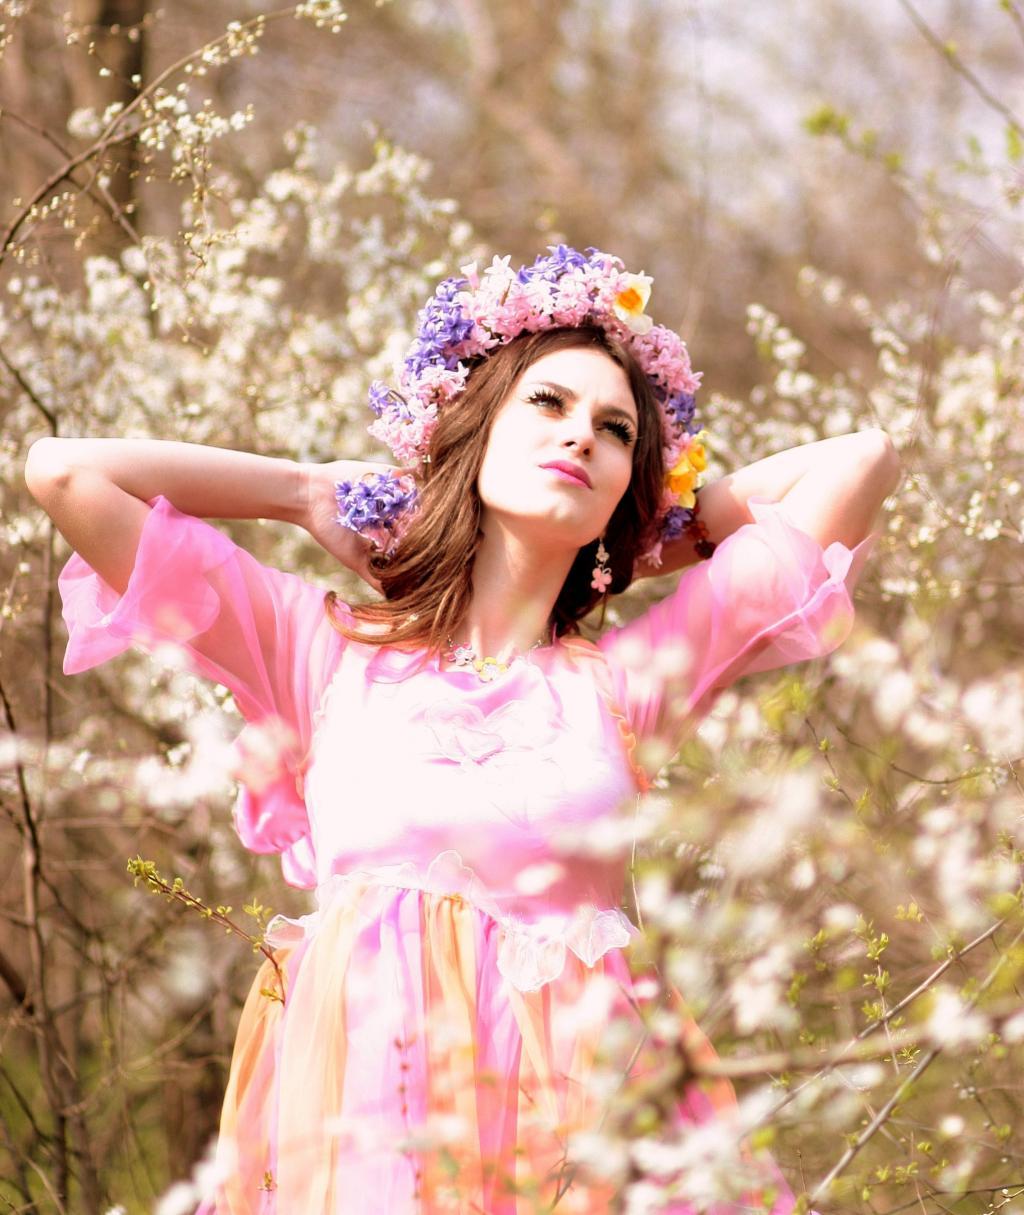 材料を入力する 女の子 春のiphoneの壁紙お市ゃは私が泣く 花 花輪 幸せ 白 ピンク 高精細画像作ら 壁紙